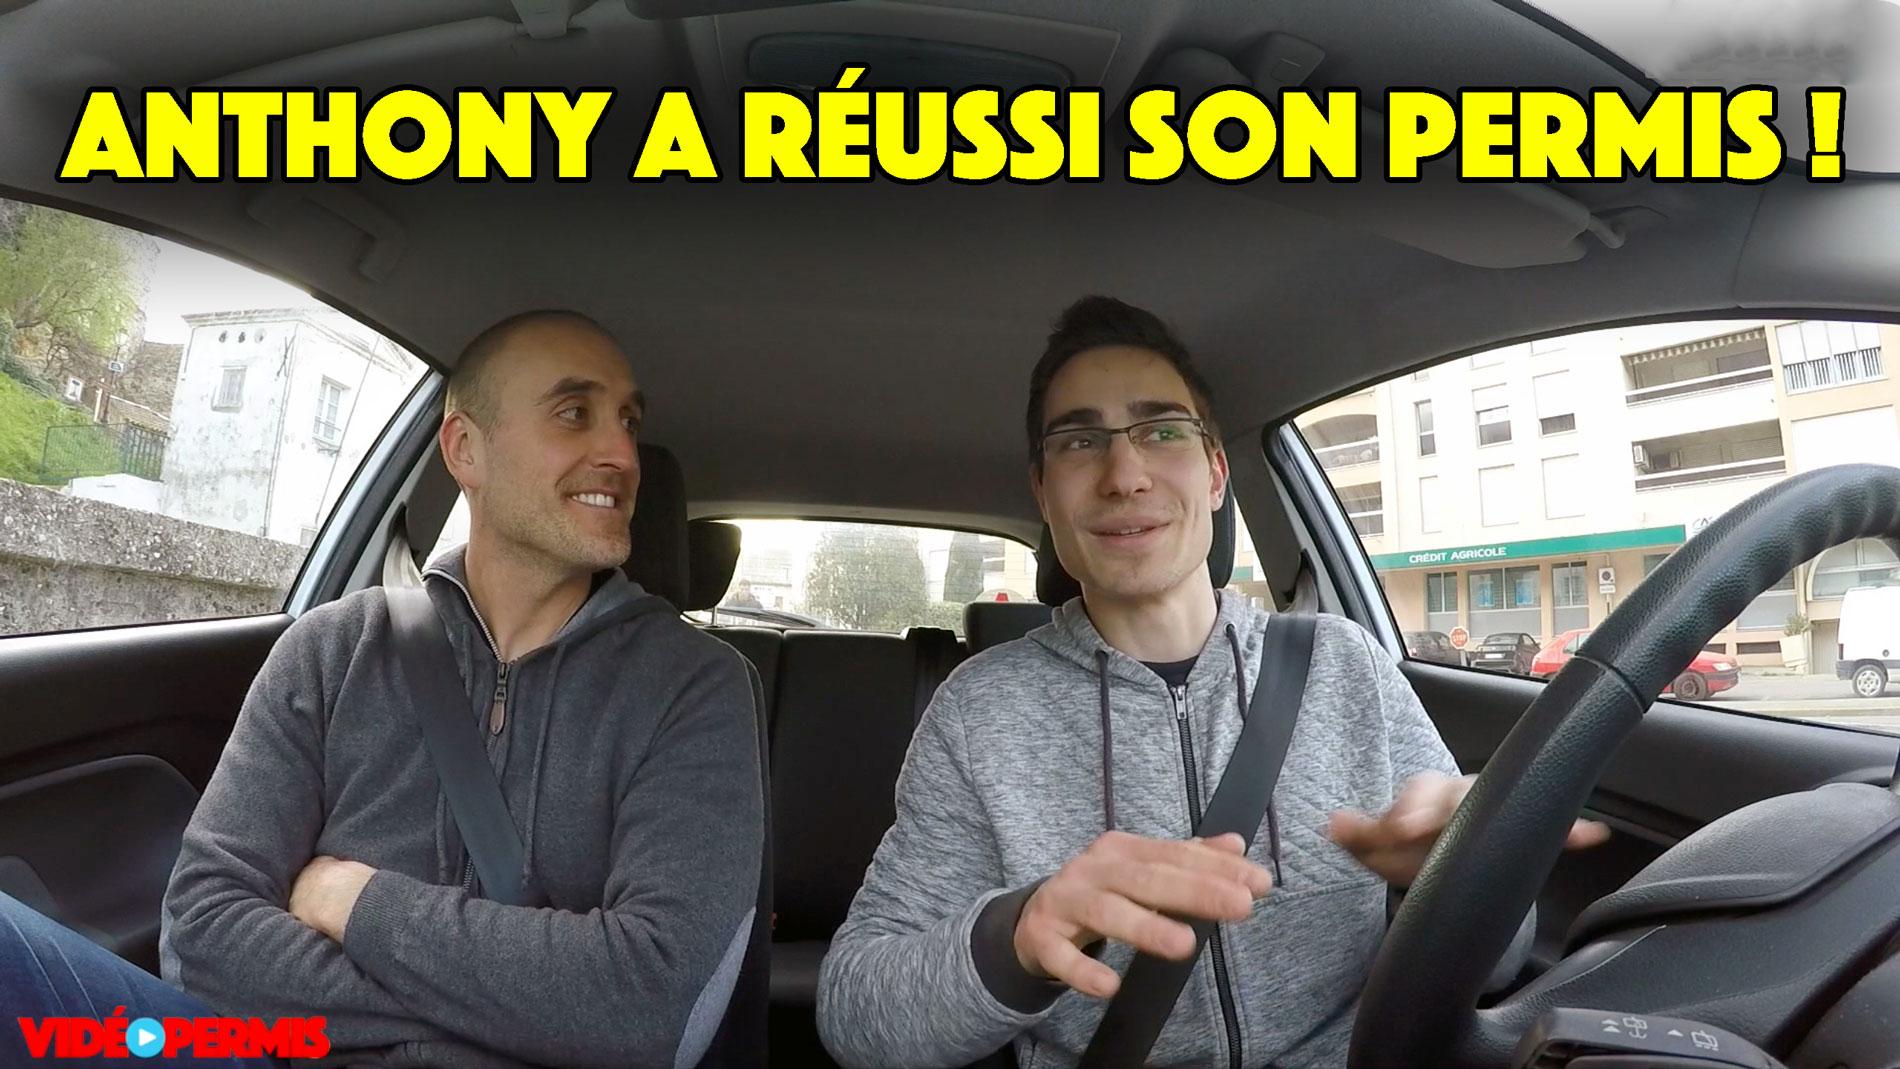 Anthony a réussi son permis de conduire